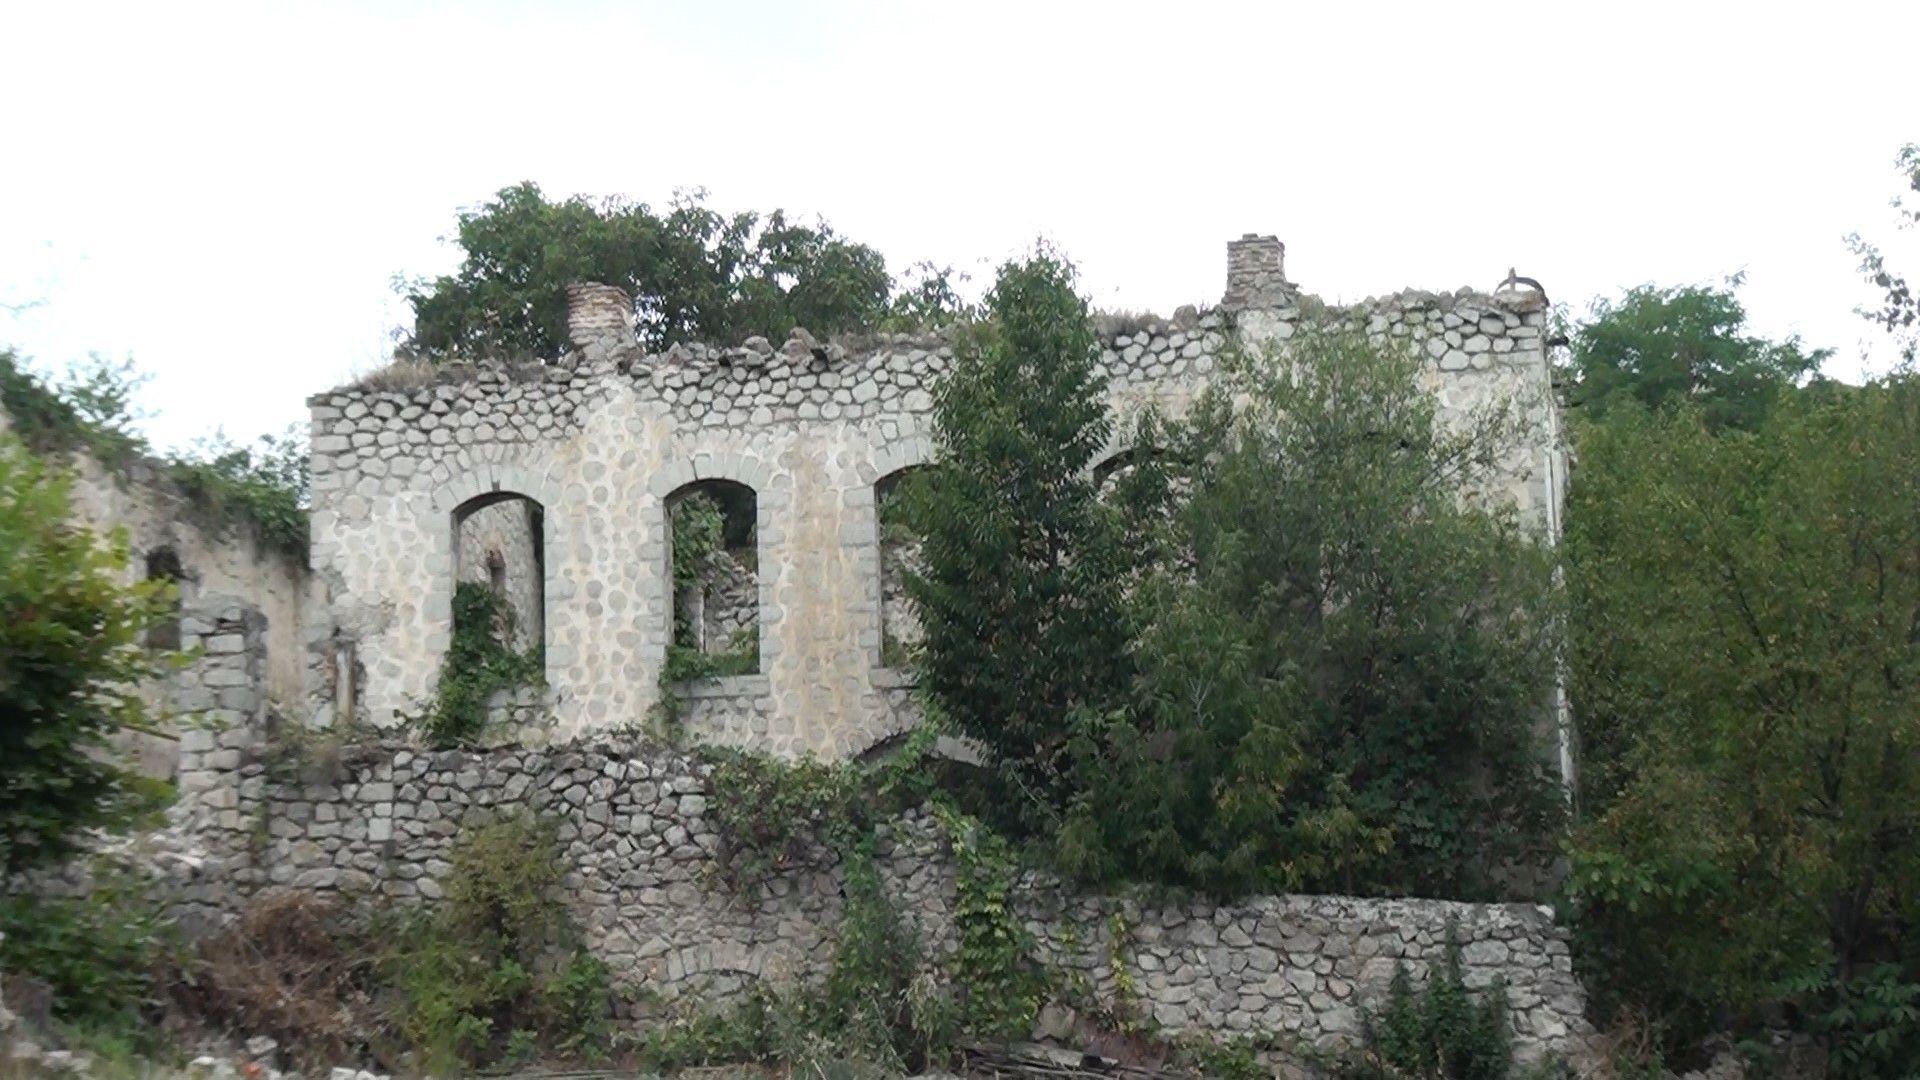 Qütabə Məmmədova - Sputnik Azərbaycan, 1920, 01.10.2021